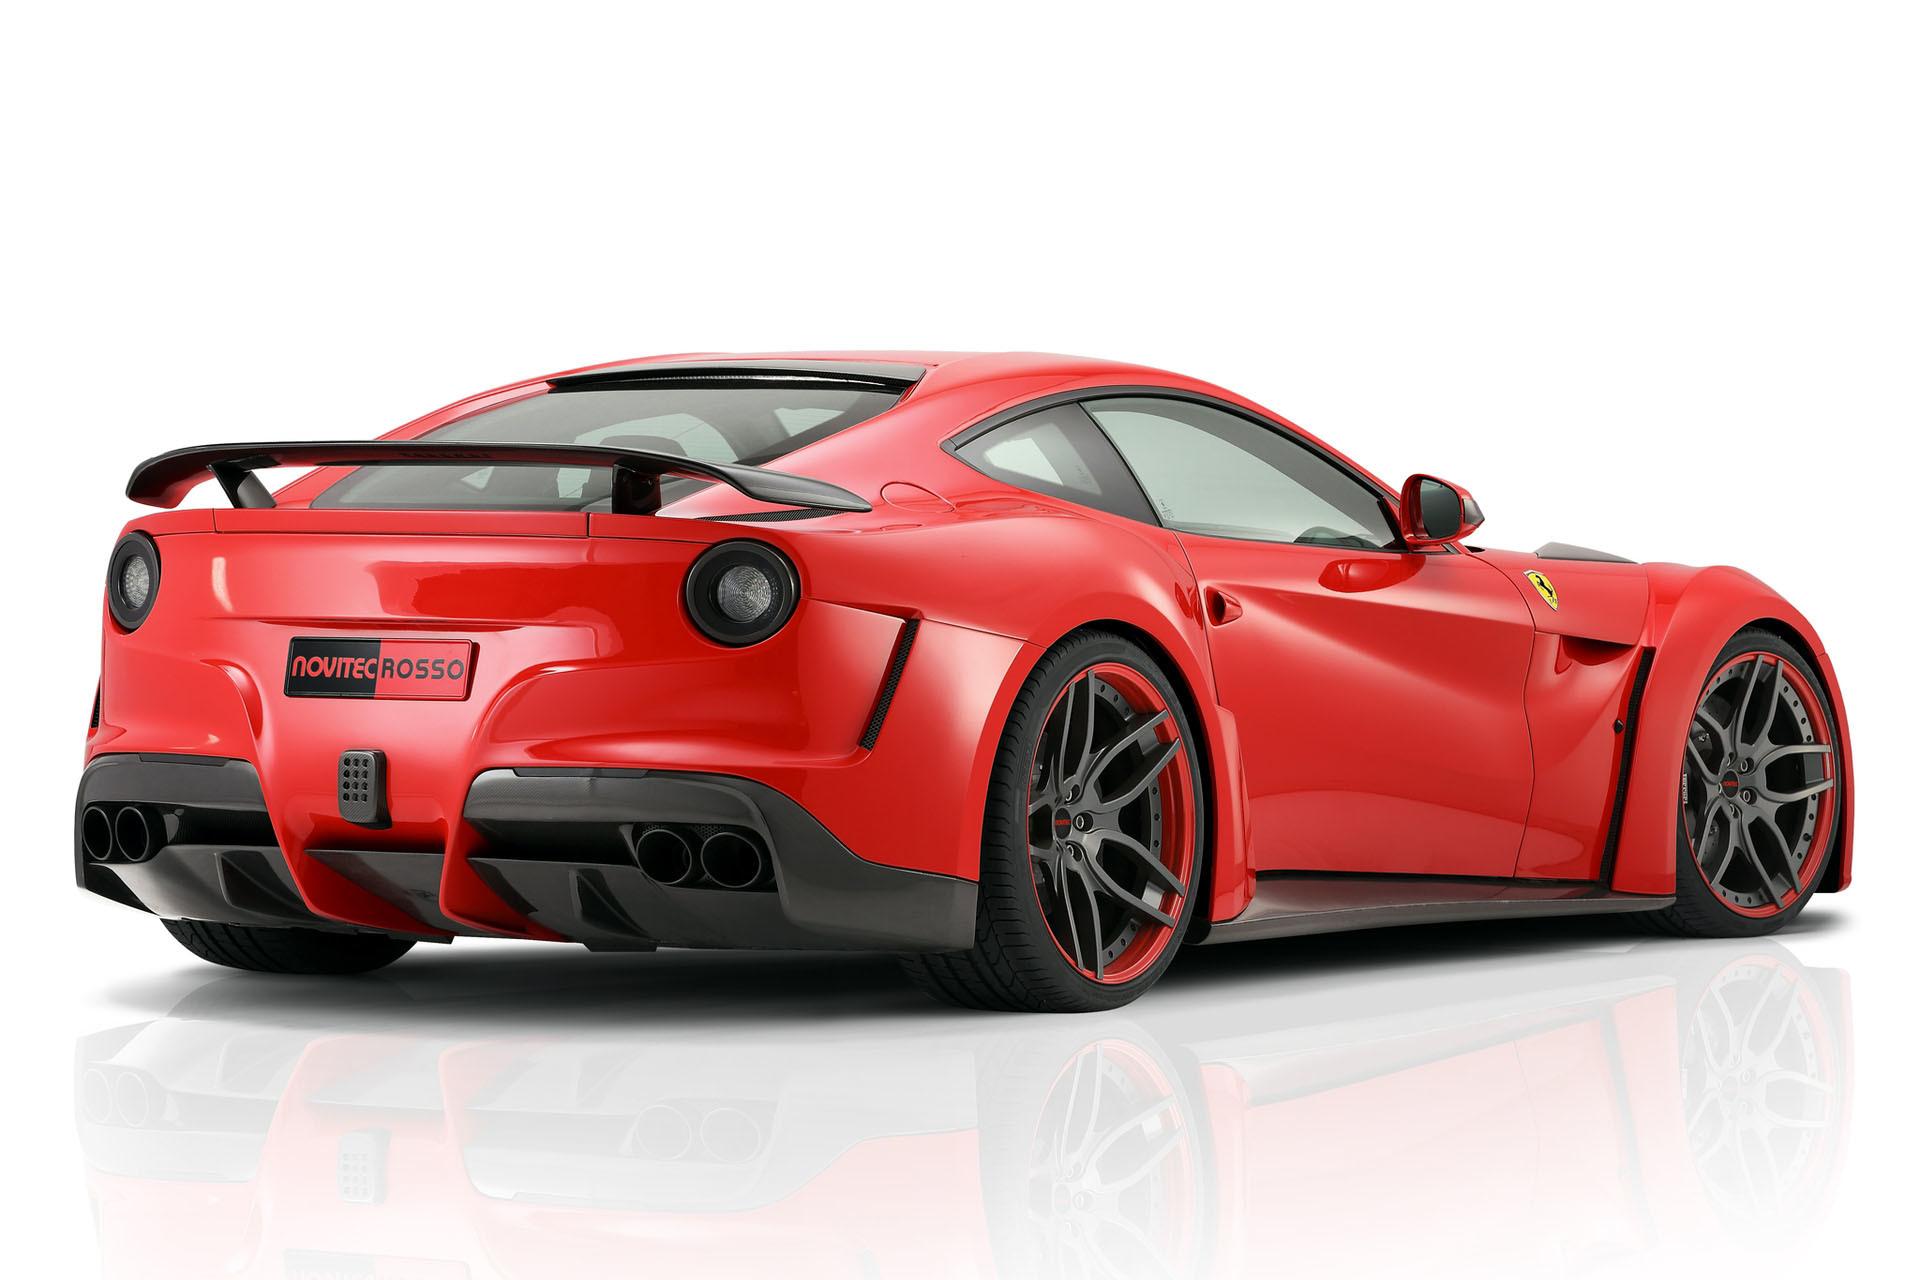 Карбоновые накладки на воздухозаборники переднего бампер Novitec Style для Ferrari F12 Вerlinetta